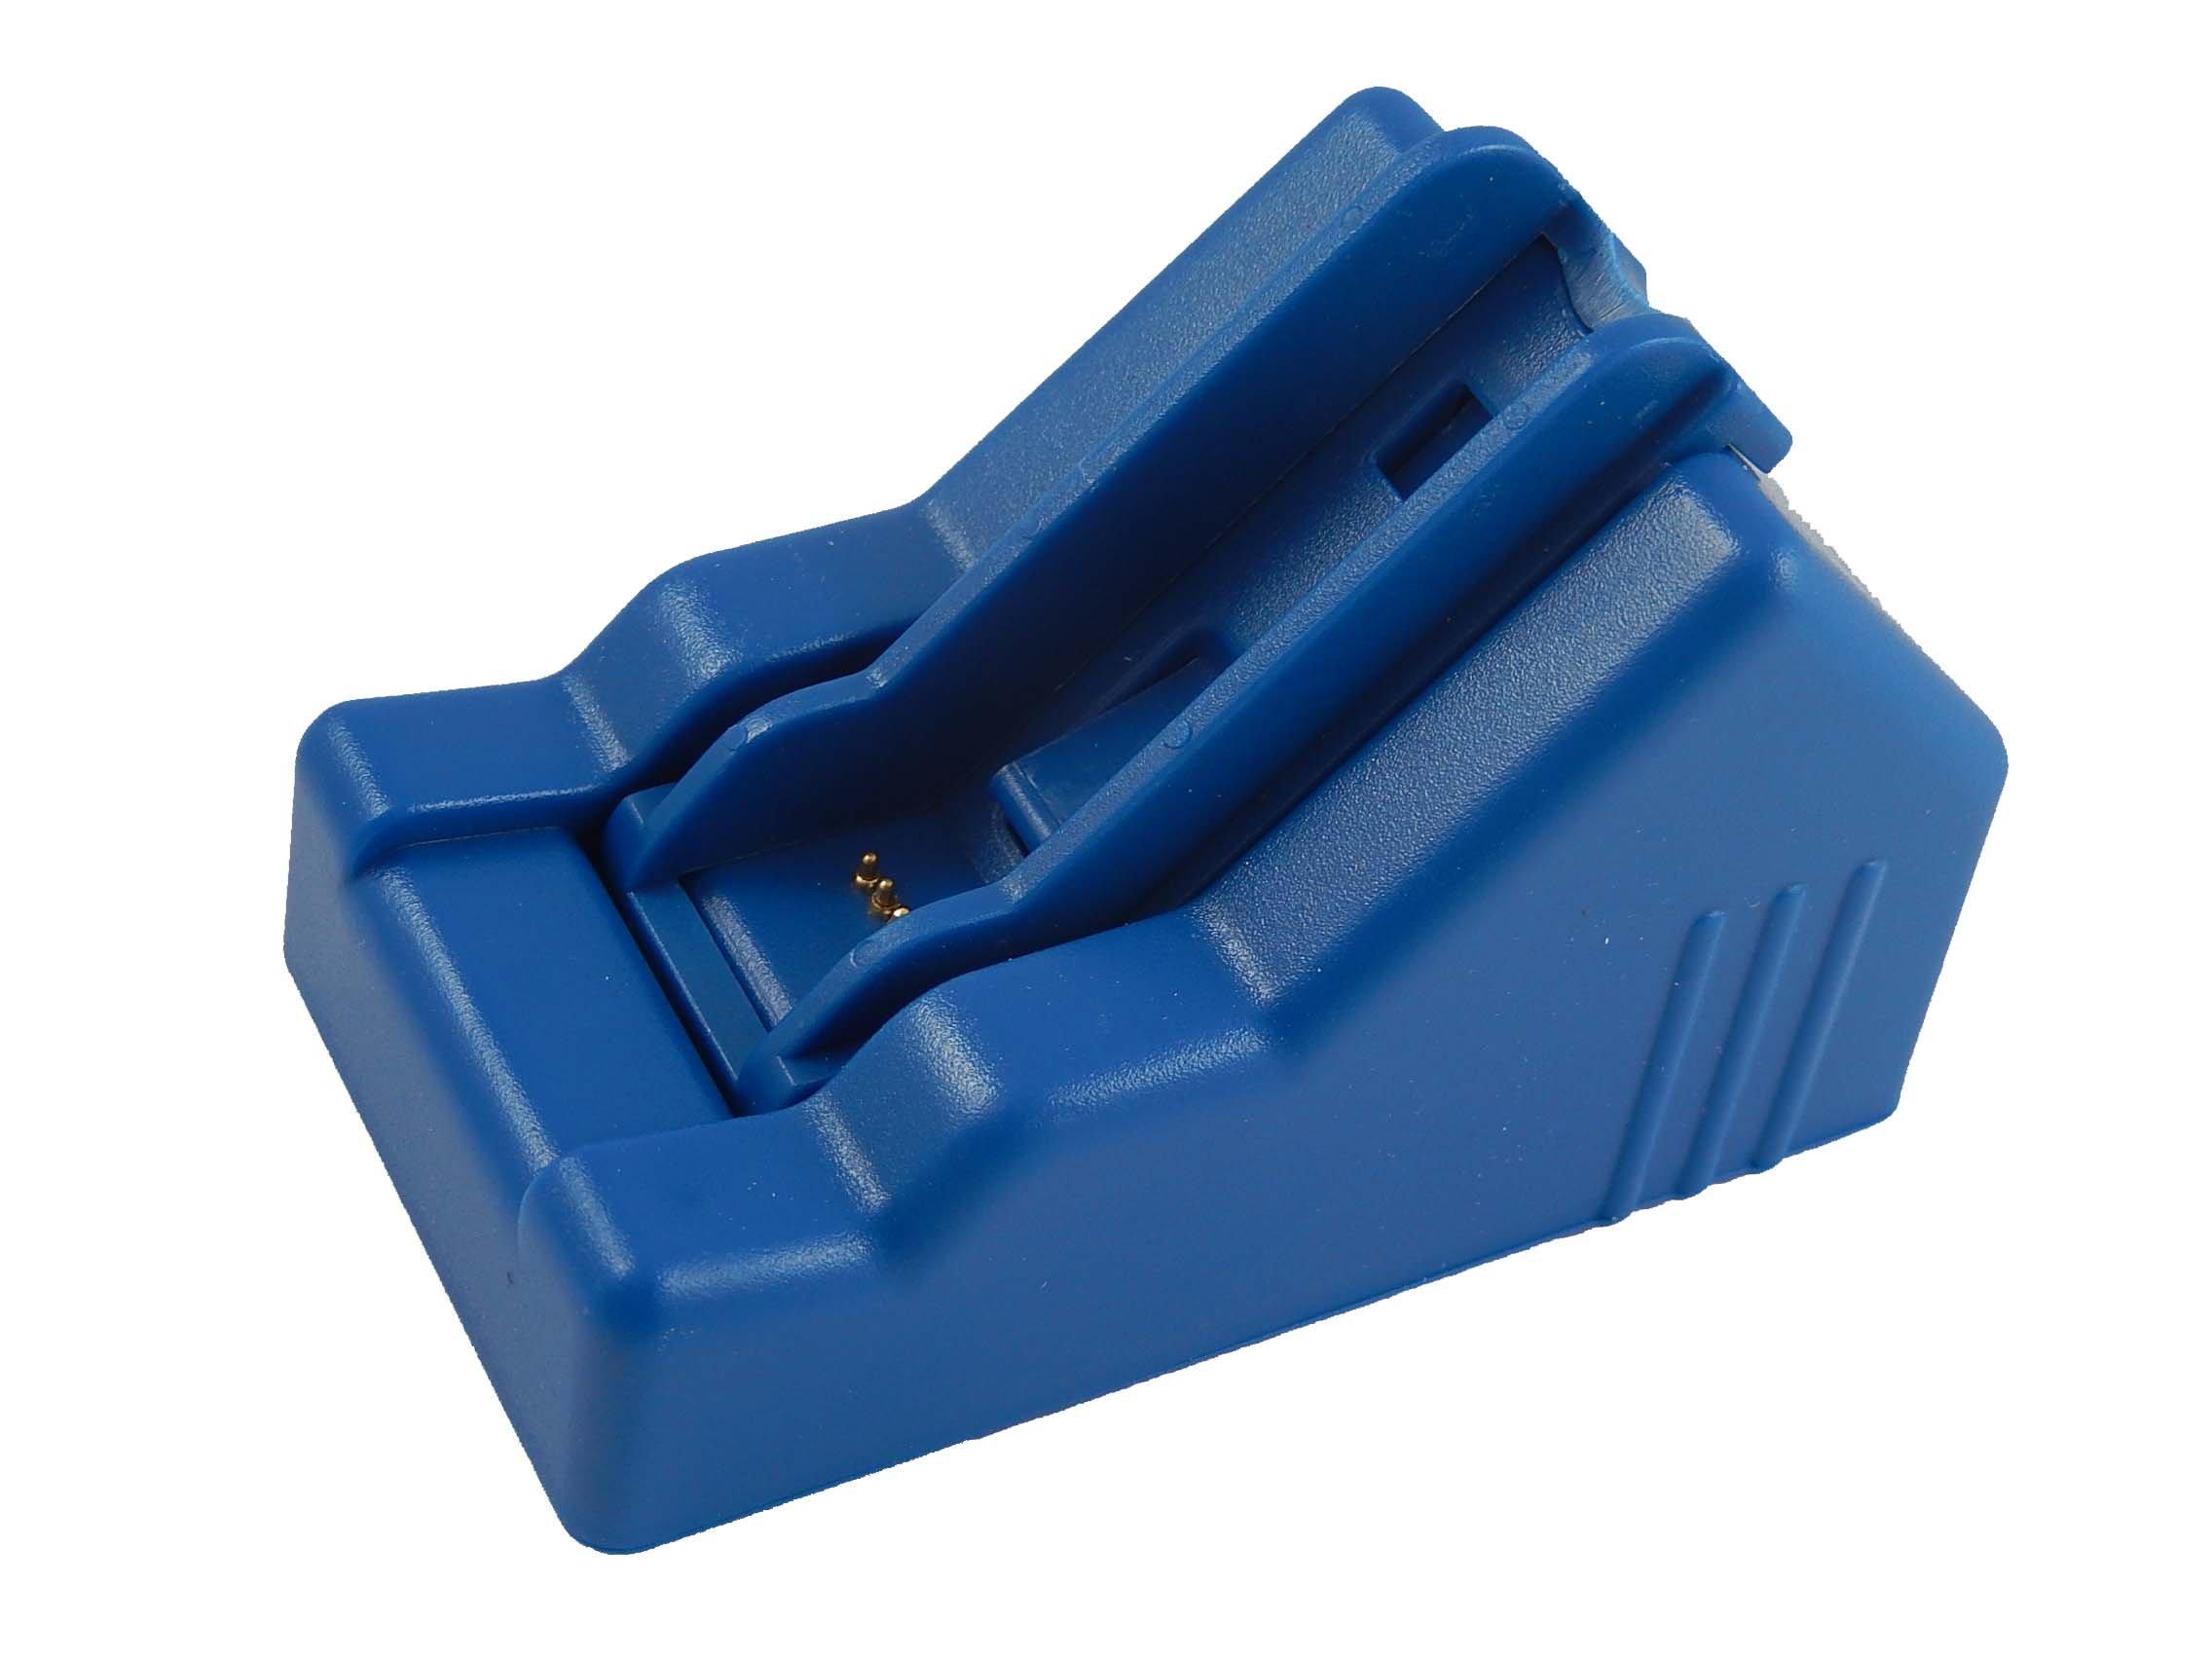 vhbw Chip-Resetter für Drucker Patrone Tinte Canon Pixma MP500, MP510, MP520, MP530, MP600, MP600R,